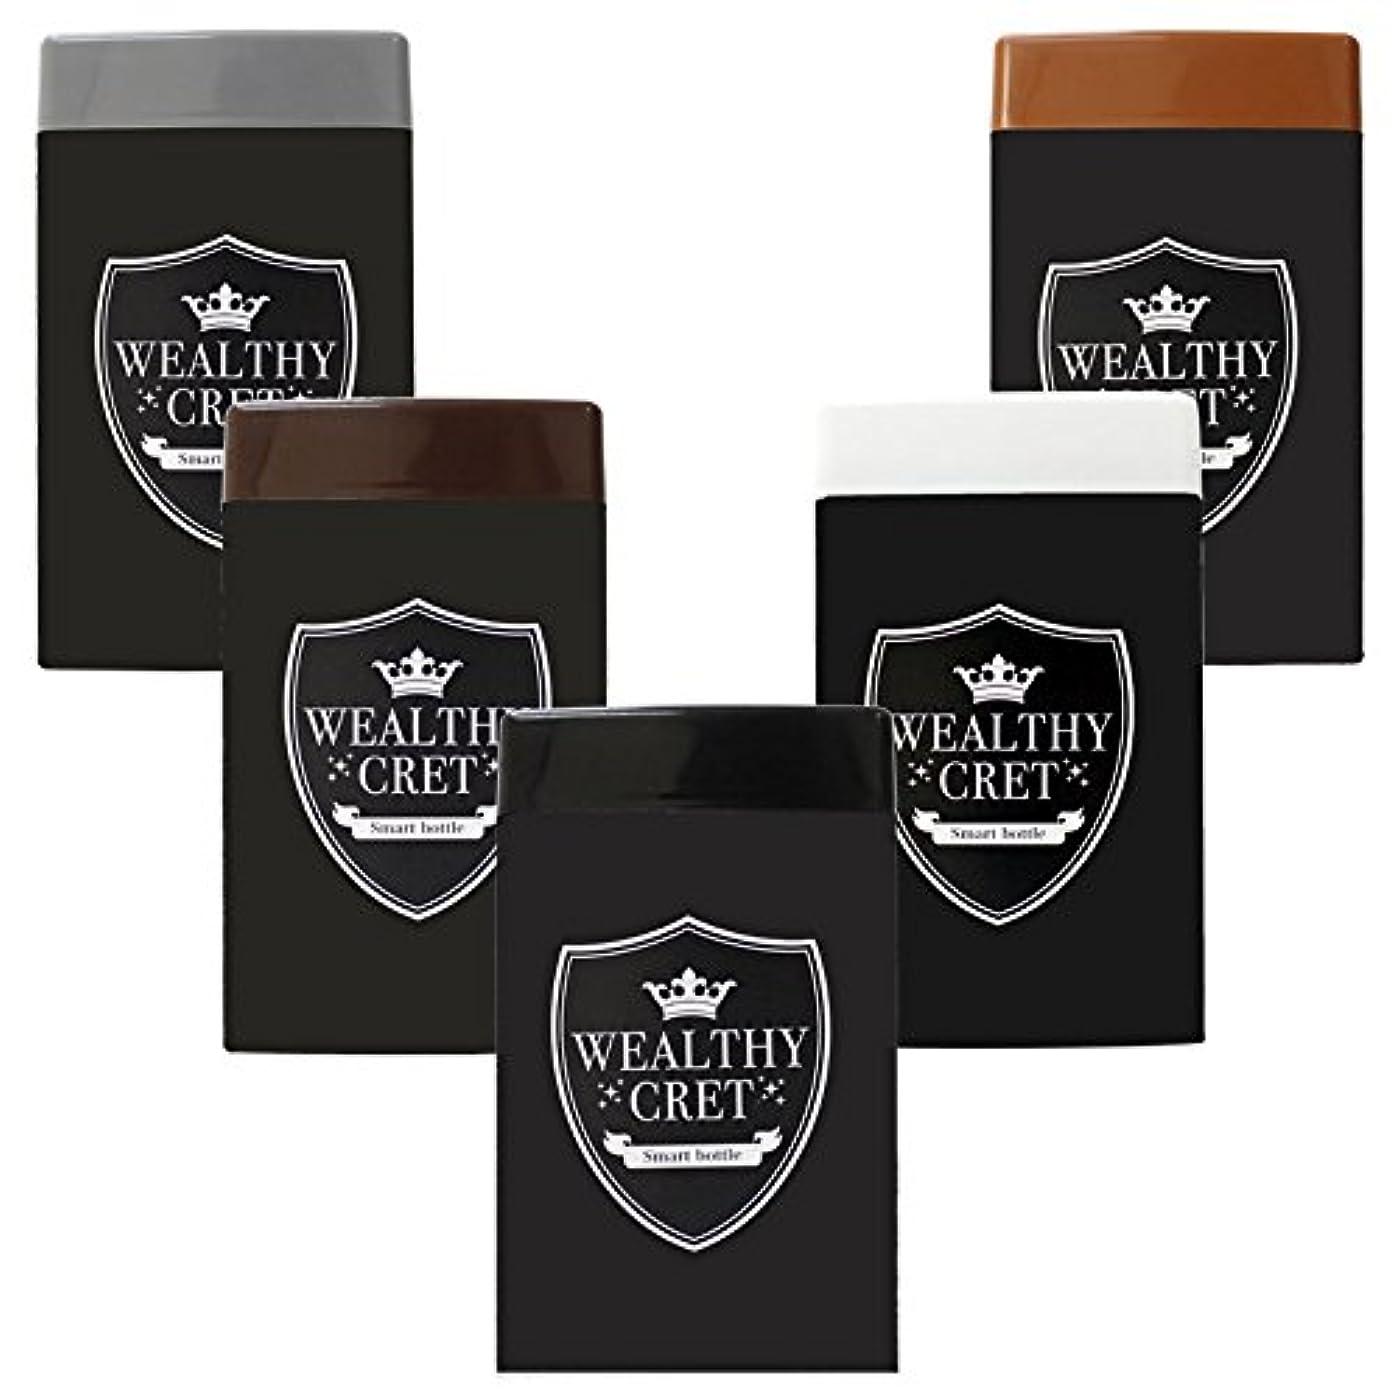 盗難適応する確立簡単 増毛 ウェルシークレット20g (ブラック)